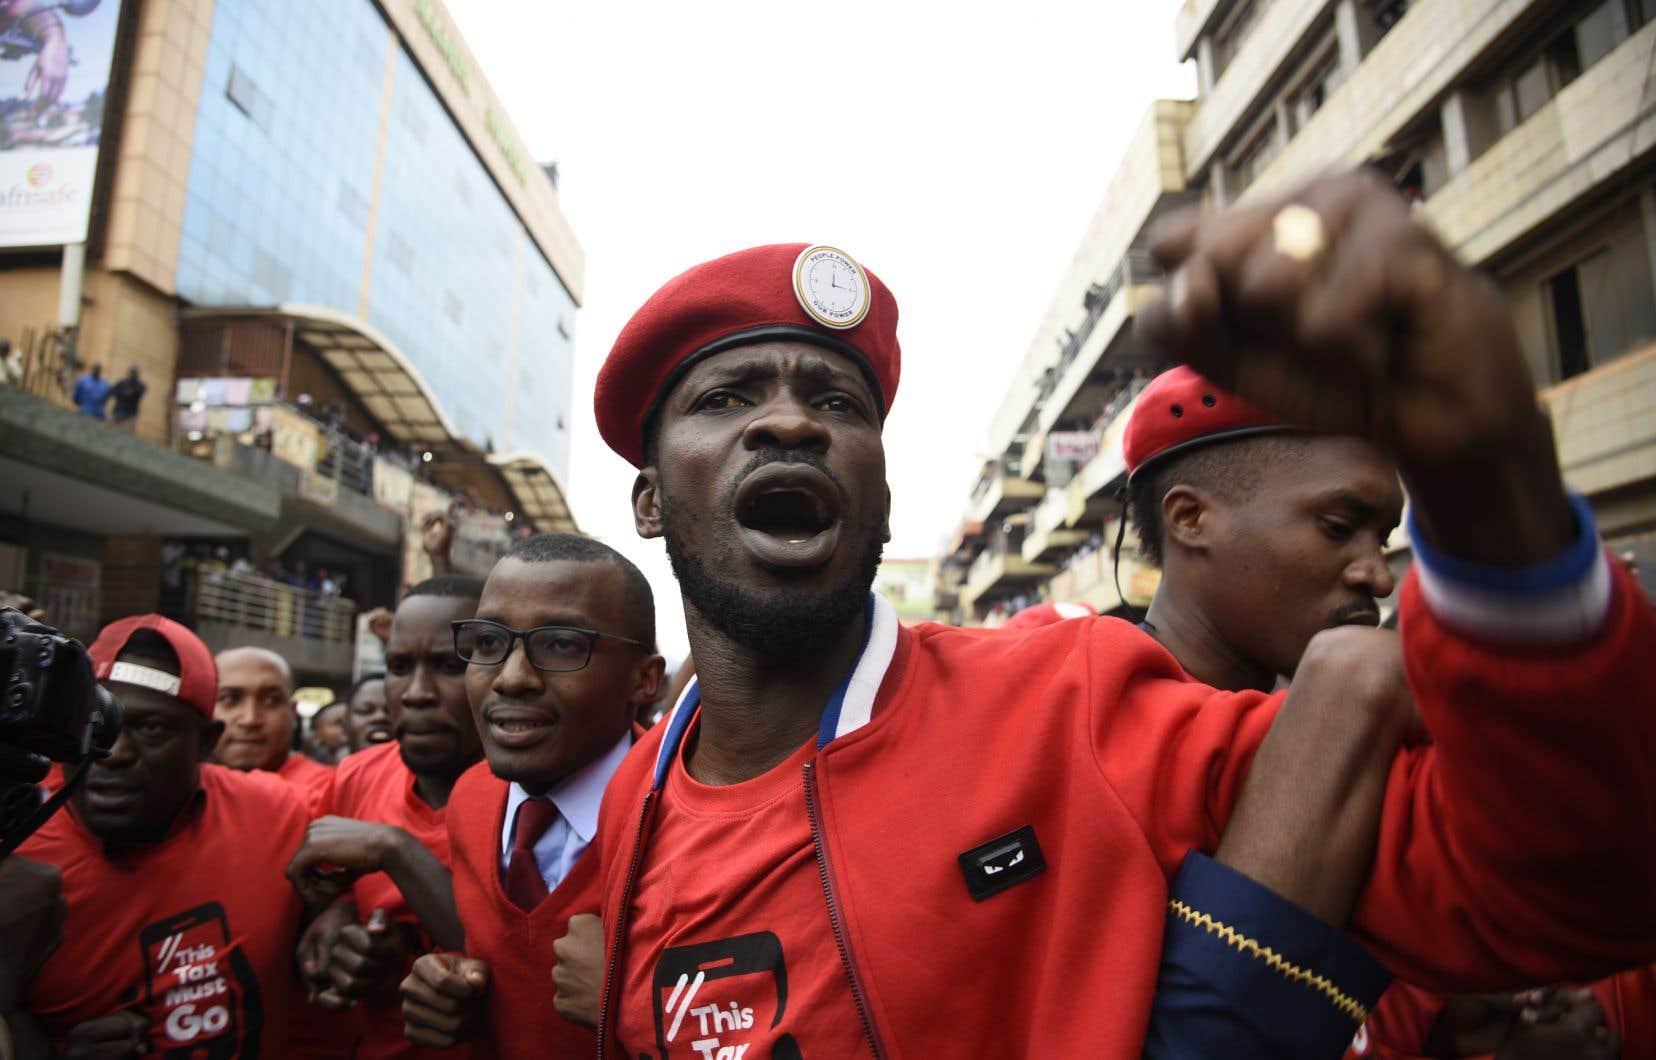 Depuis son élection en 2017, Bobi Wine s'est imposé comme un porte-parole de la jeunesse ougandaise et un détracteur virulent du président Yoweri Museveni.